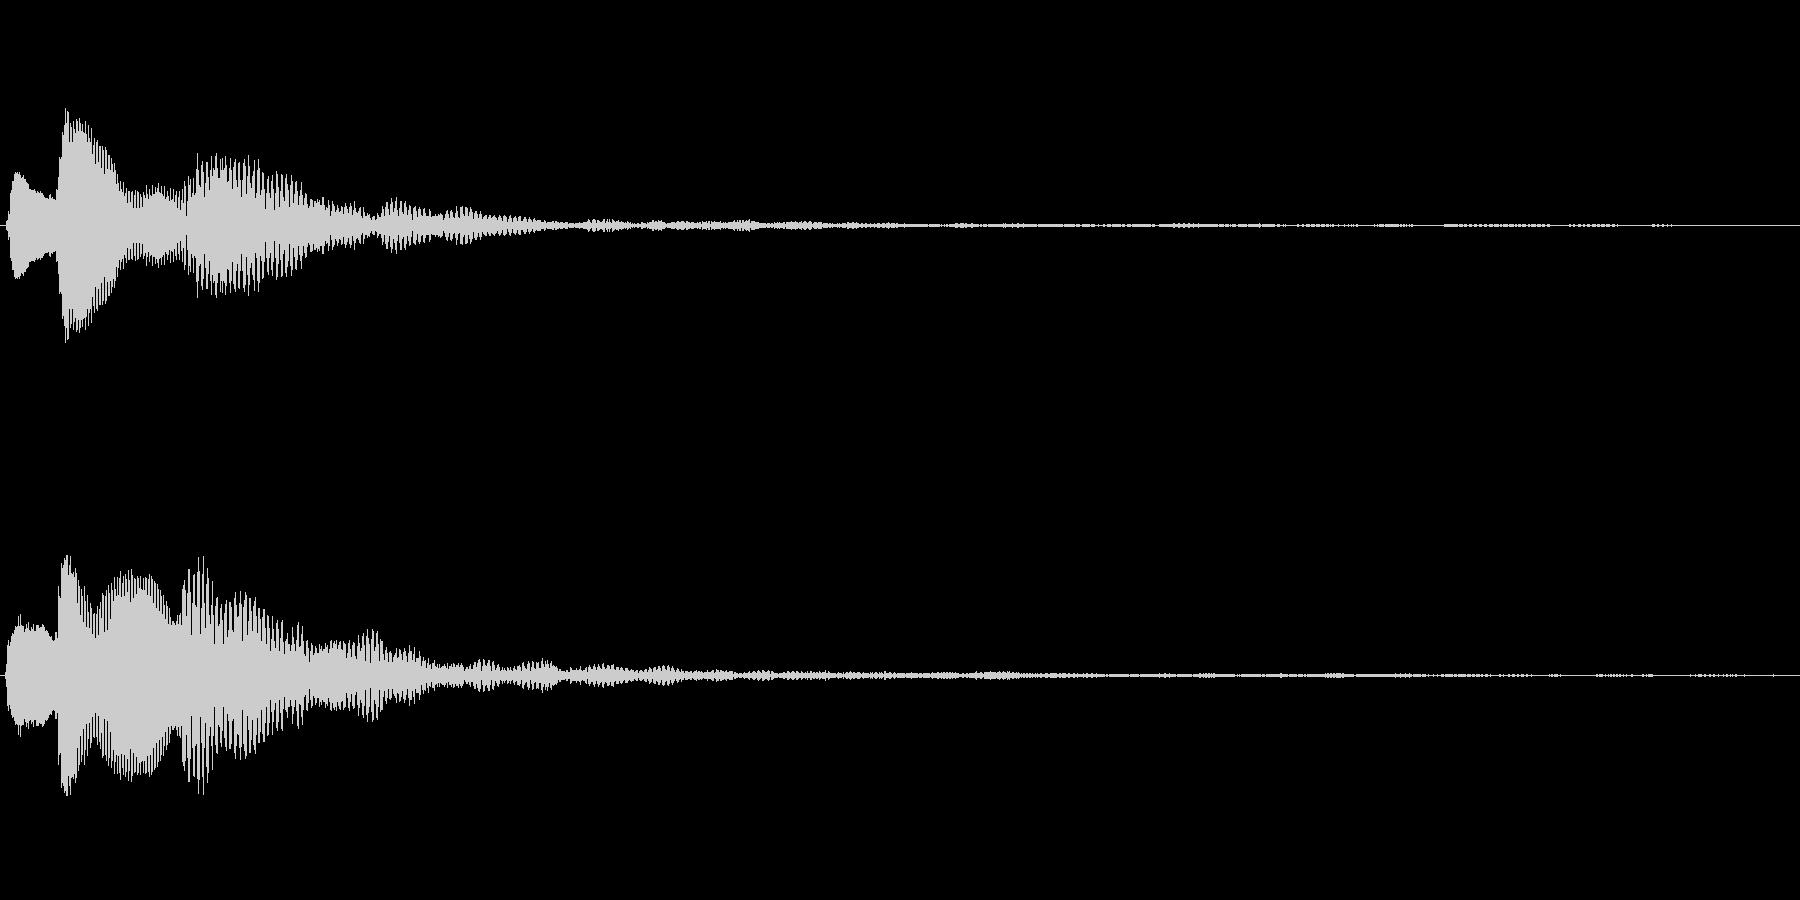 ピコリーン キャンセル音の未再生の波形